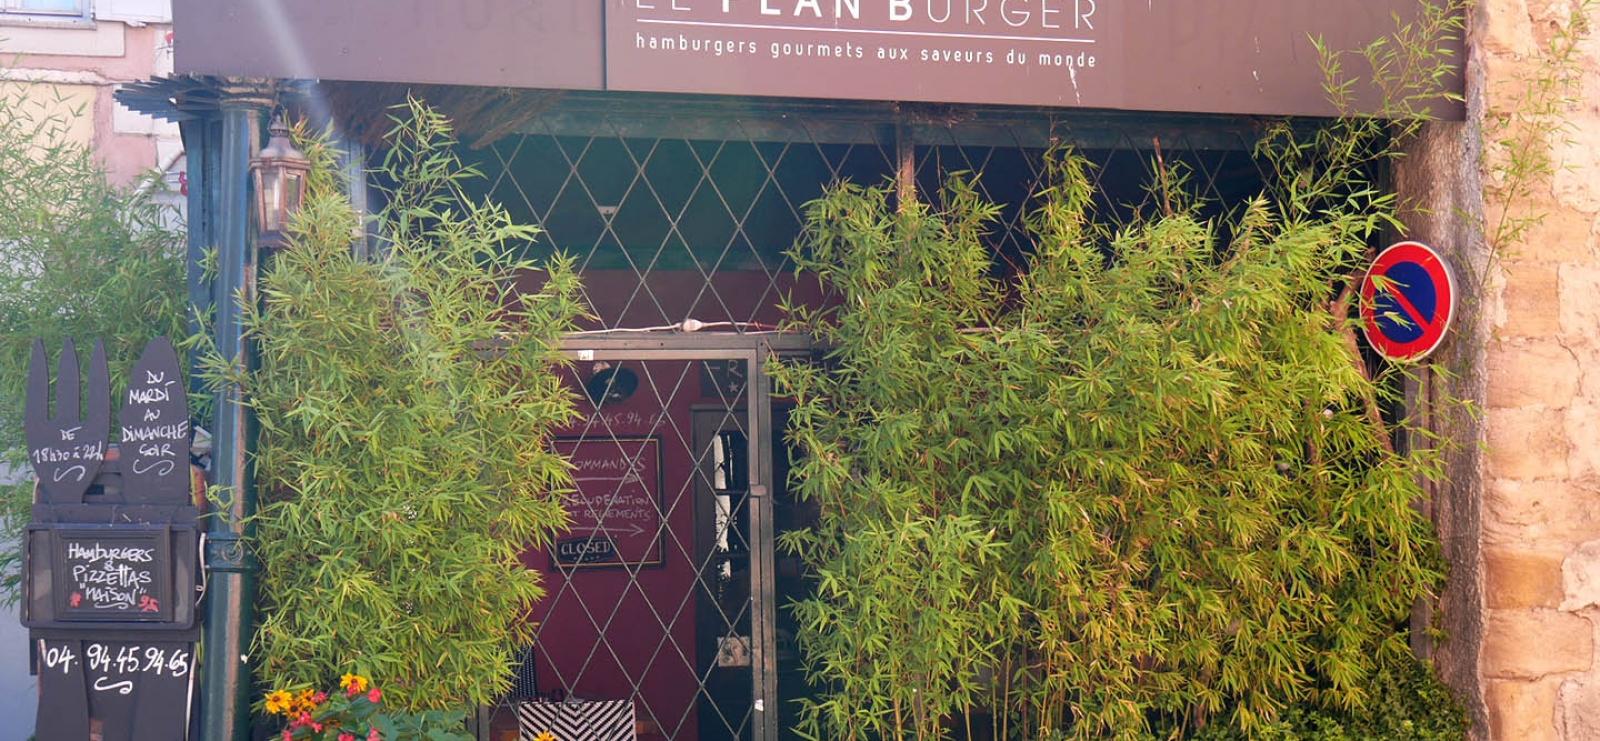 Le Plan Burger